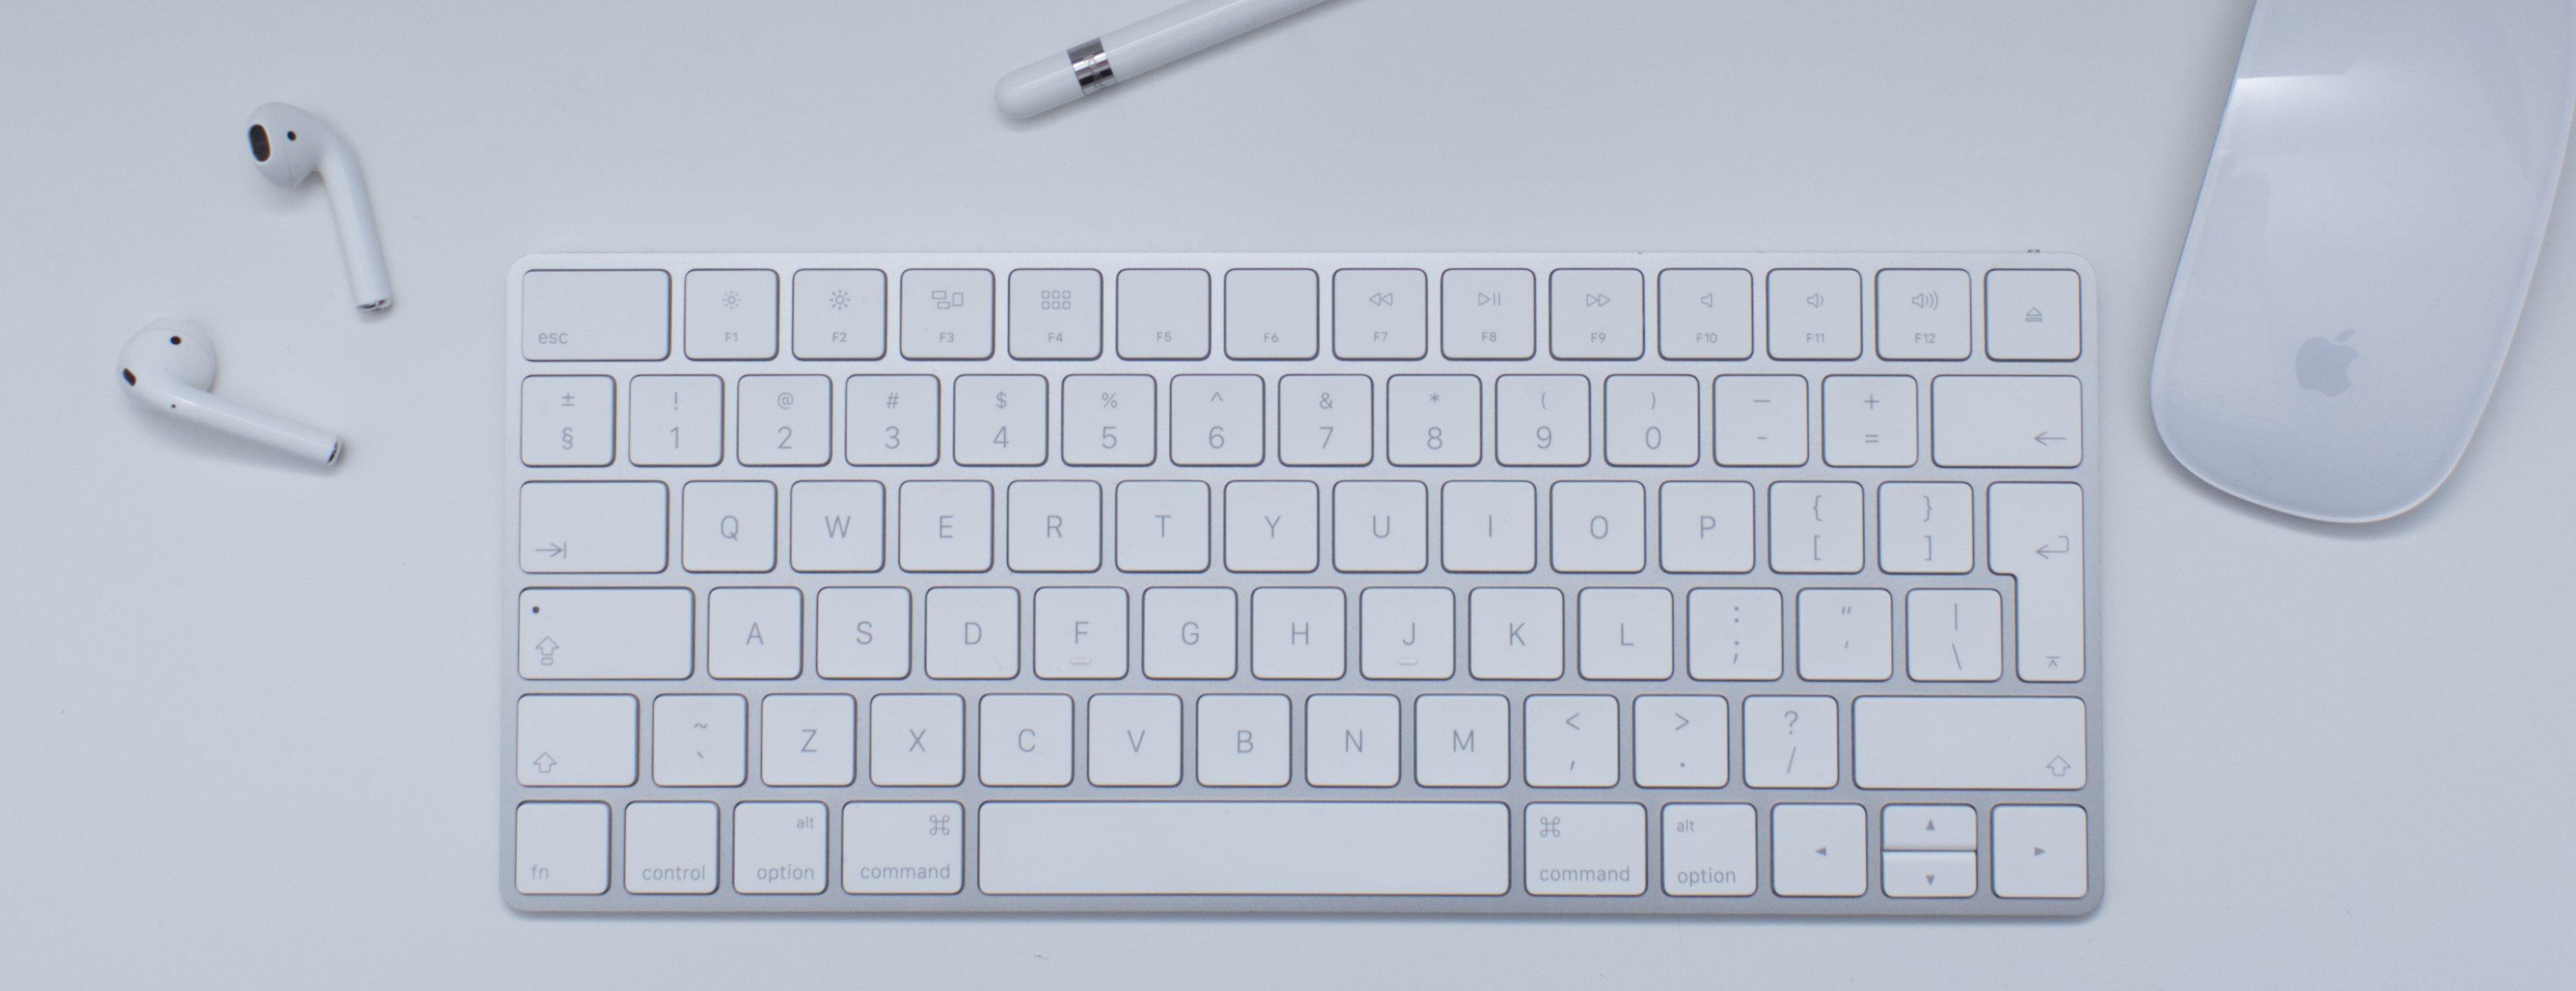 Klawiatura Apple Magic Keyboard 2 - lata mijają, a ja wciąż jestem z niej zadowolony